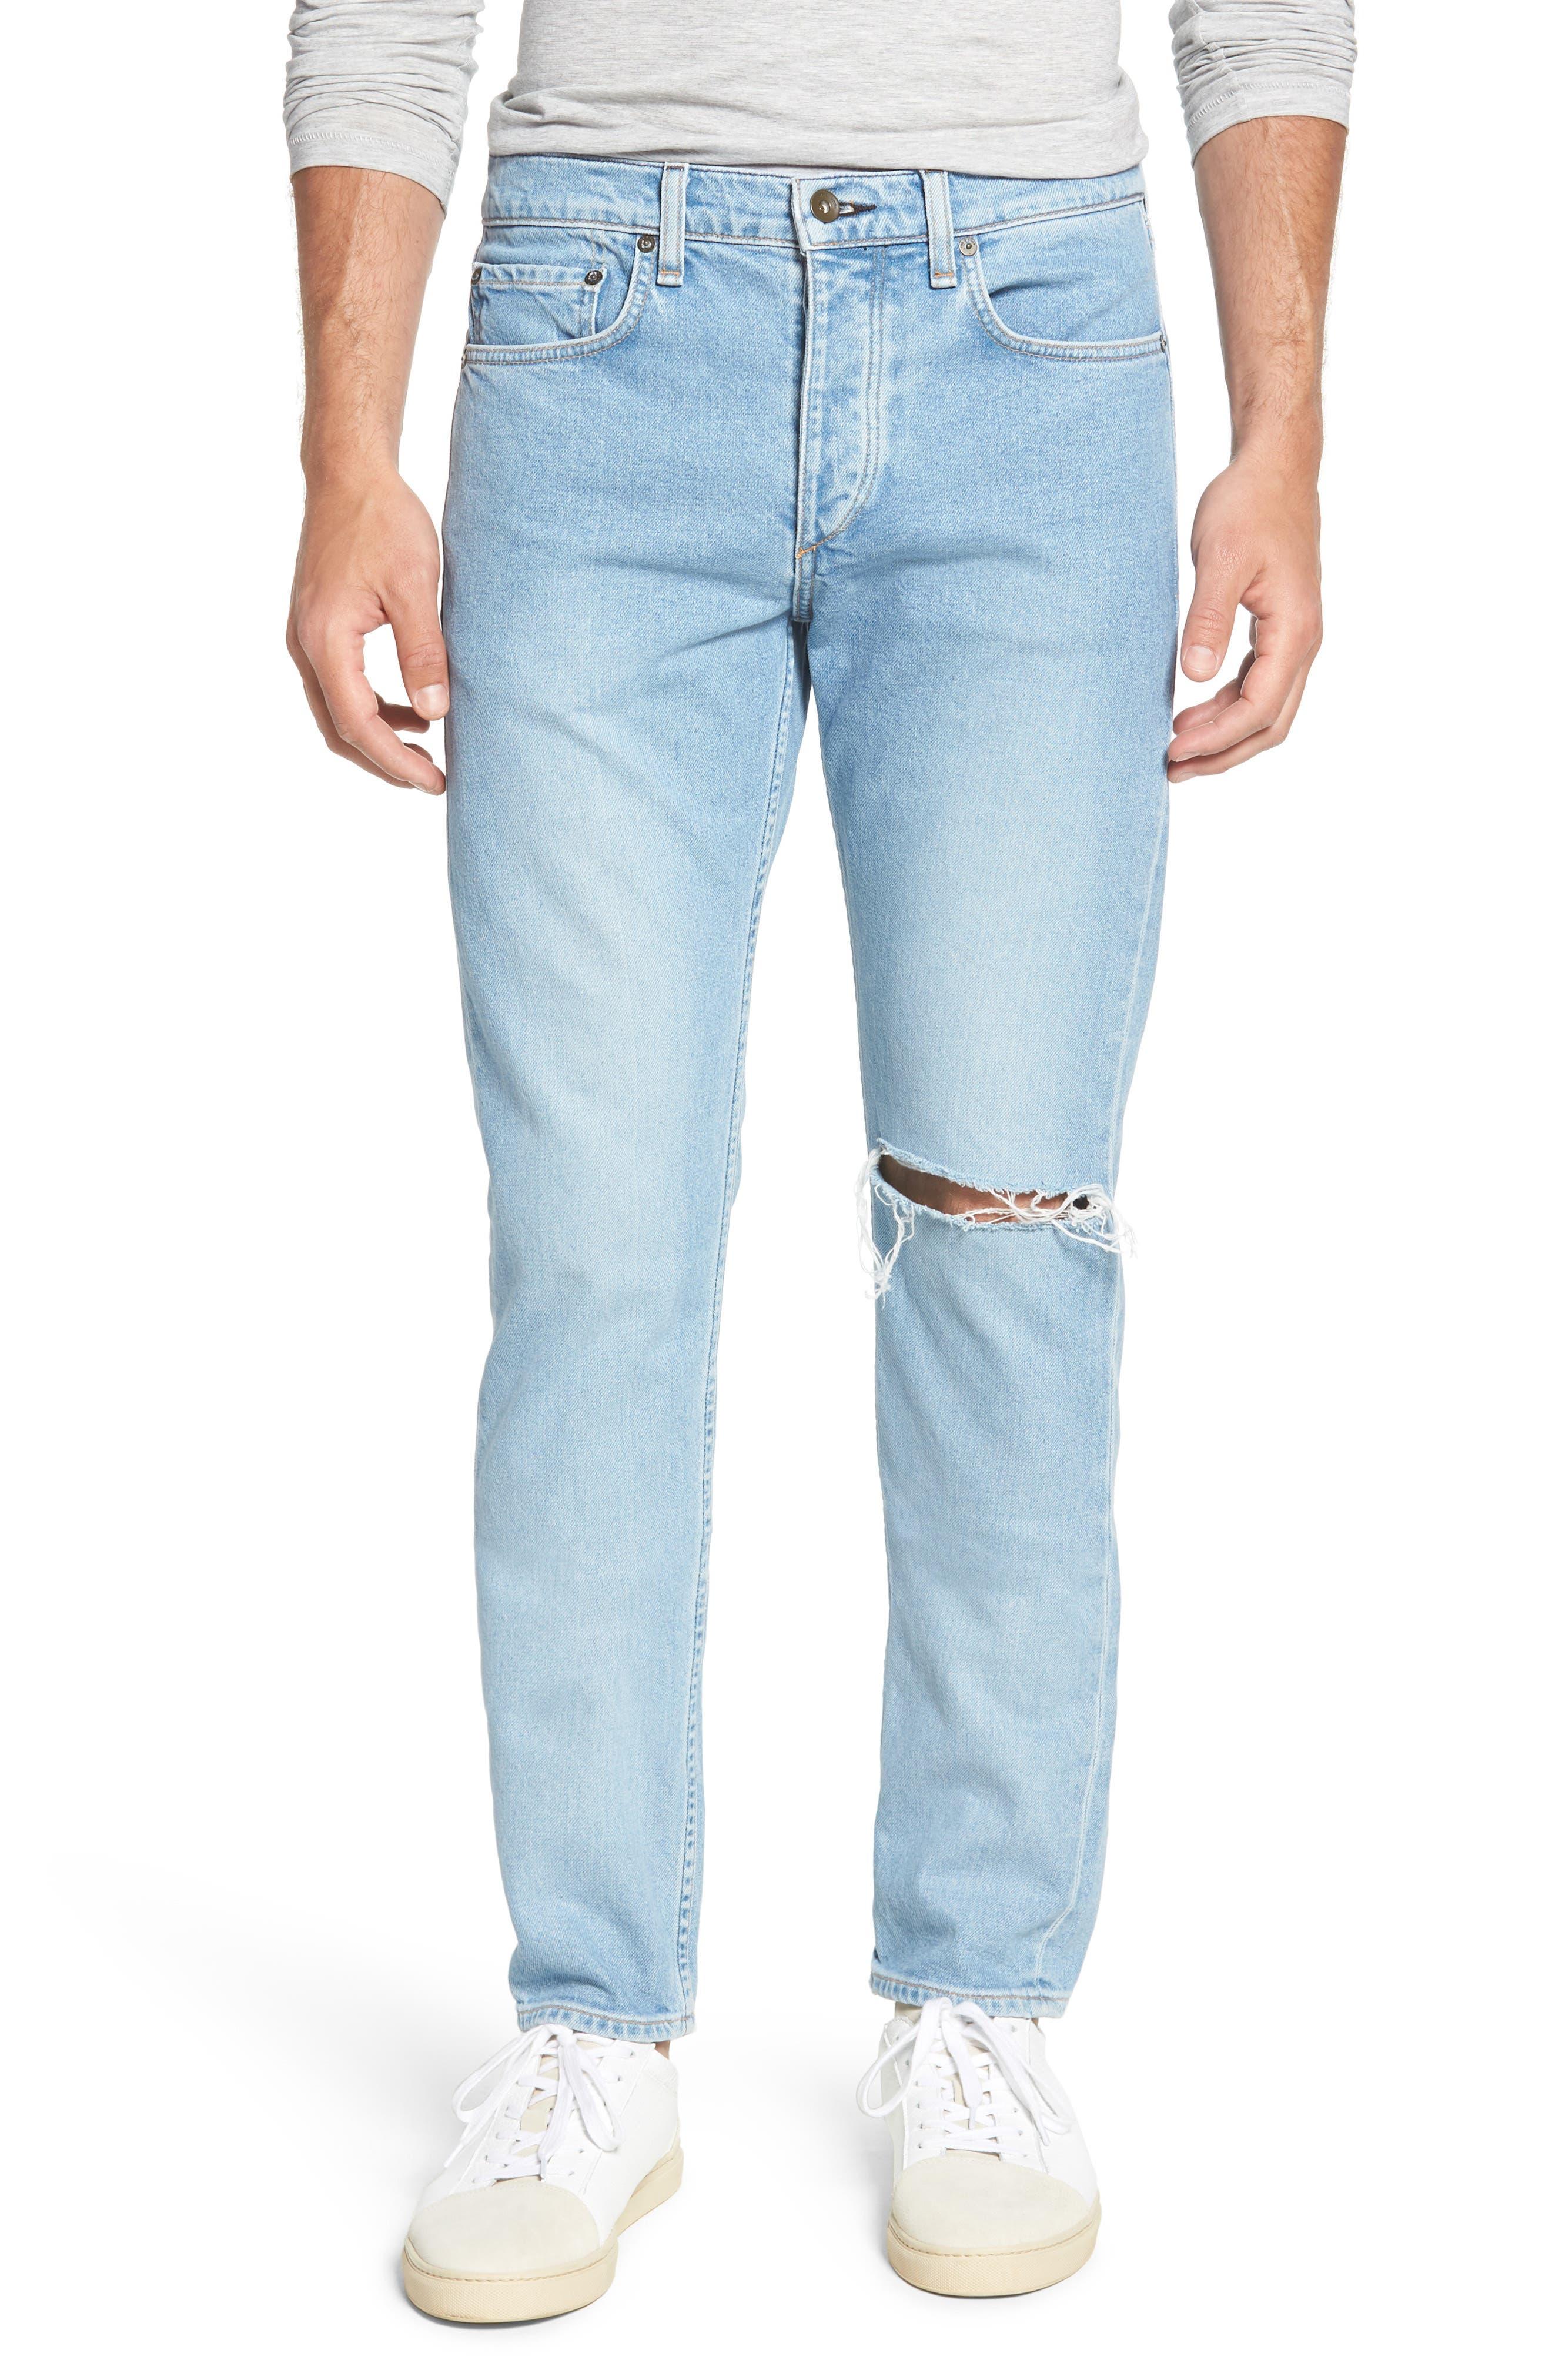 Fit 2 Slim Fit Jeans,                         Main,                         color, MONTAUK W/ HOLE